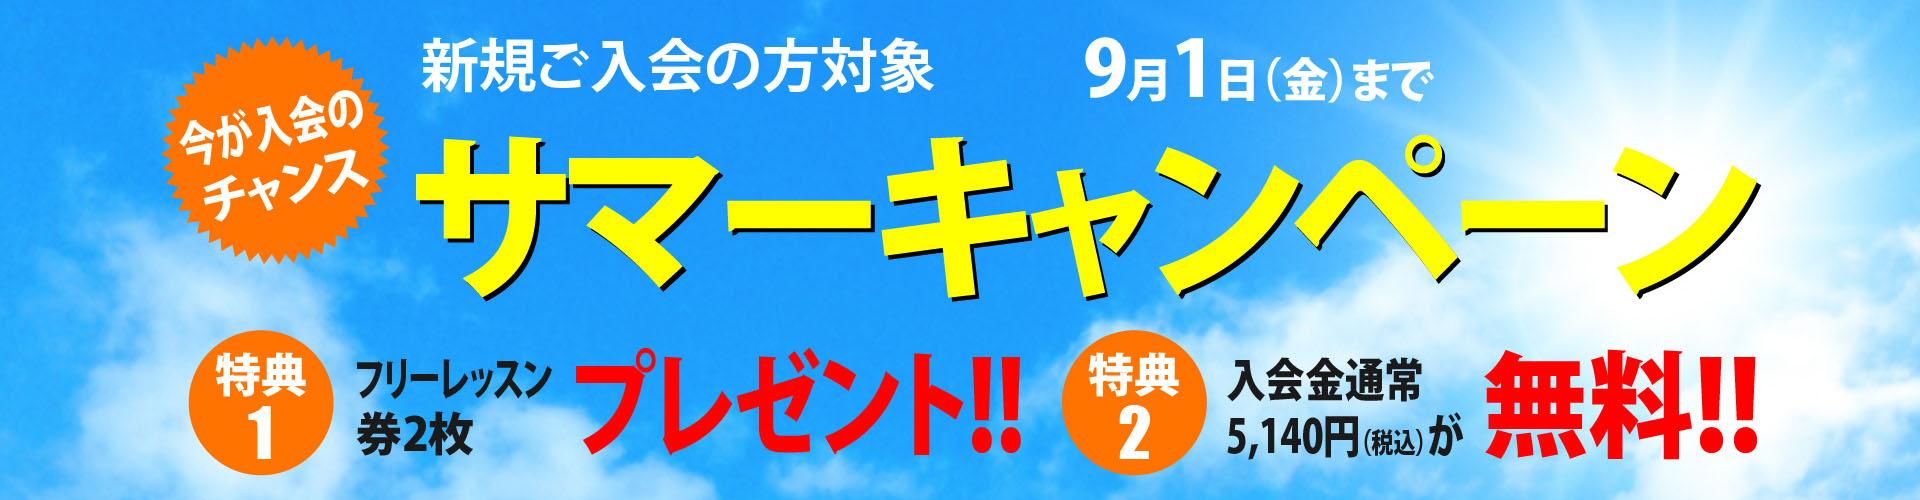 「サマーキャンペーン」開催中!